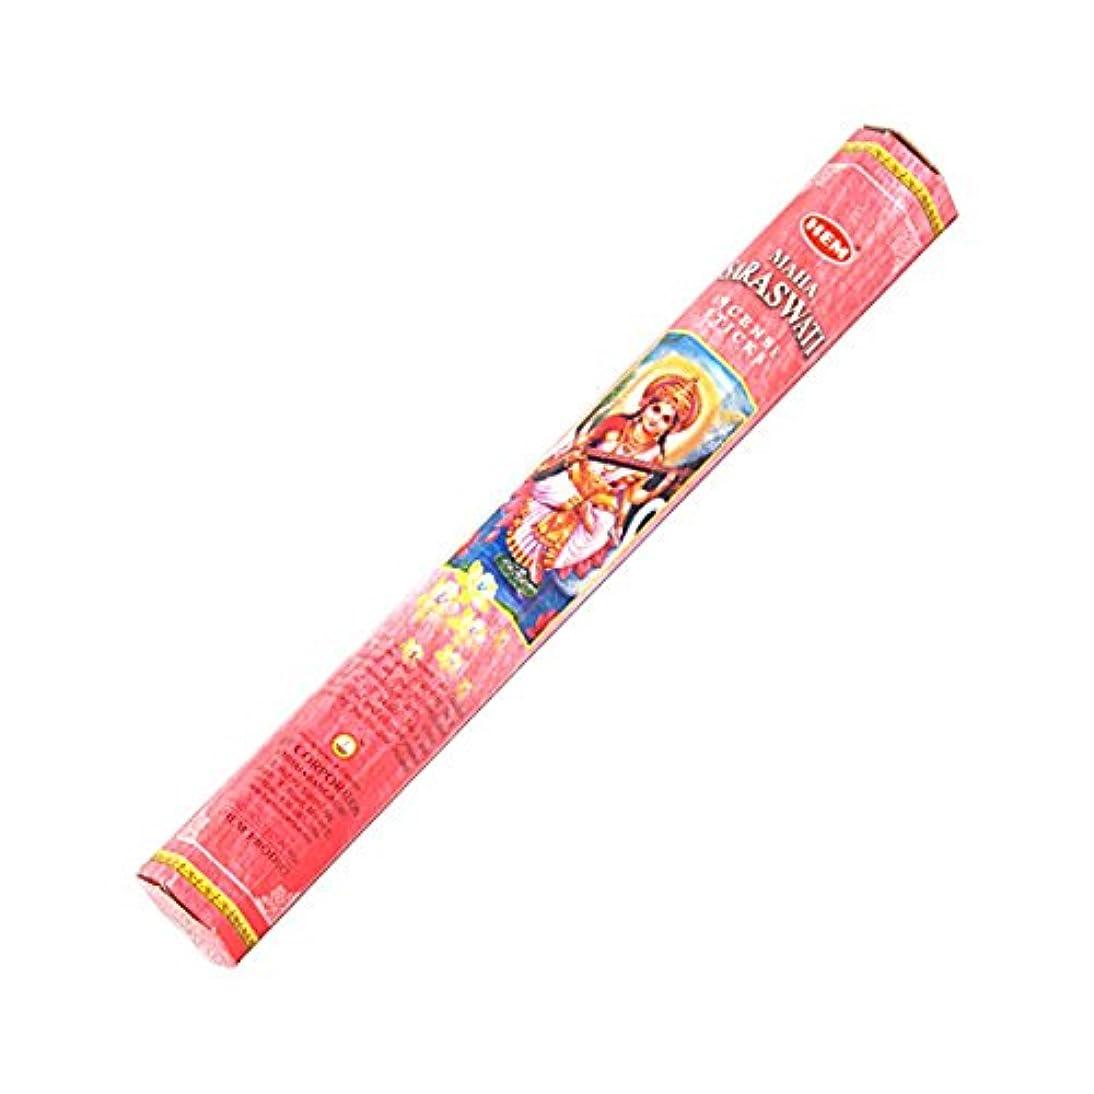 最高ライター思いやりHEM(ヘム) サラスワティ SARASWATI スティックタイプ お香 1筒 単品 [並行輸入品]